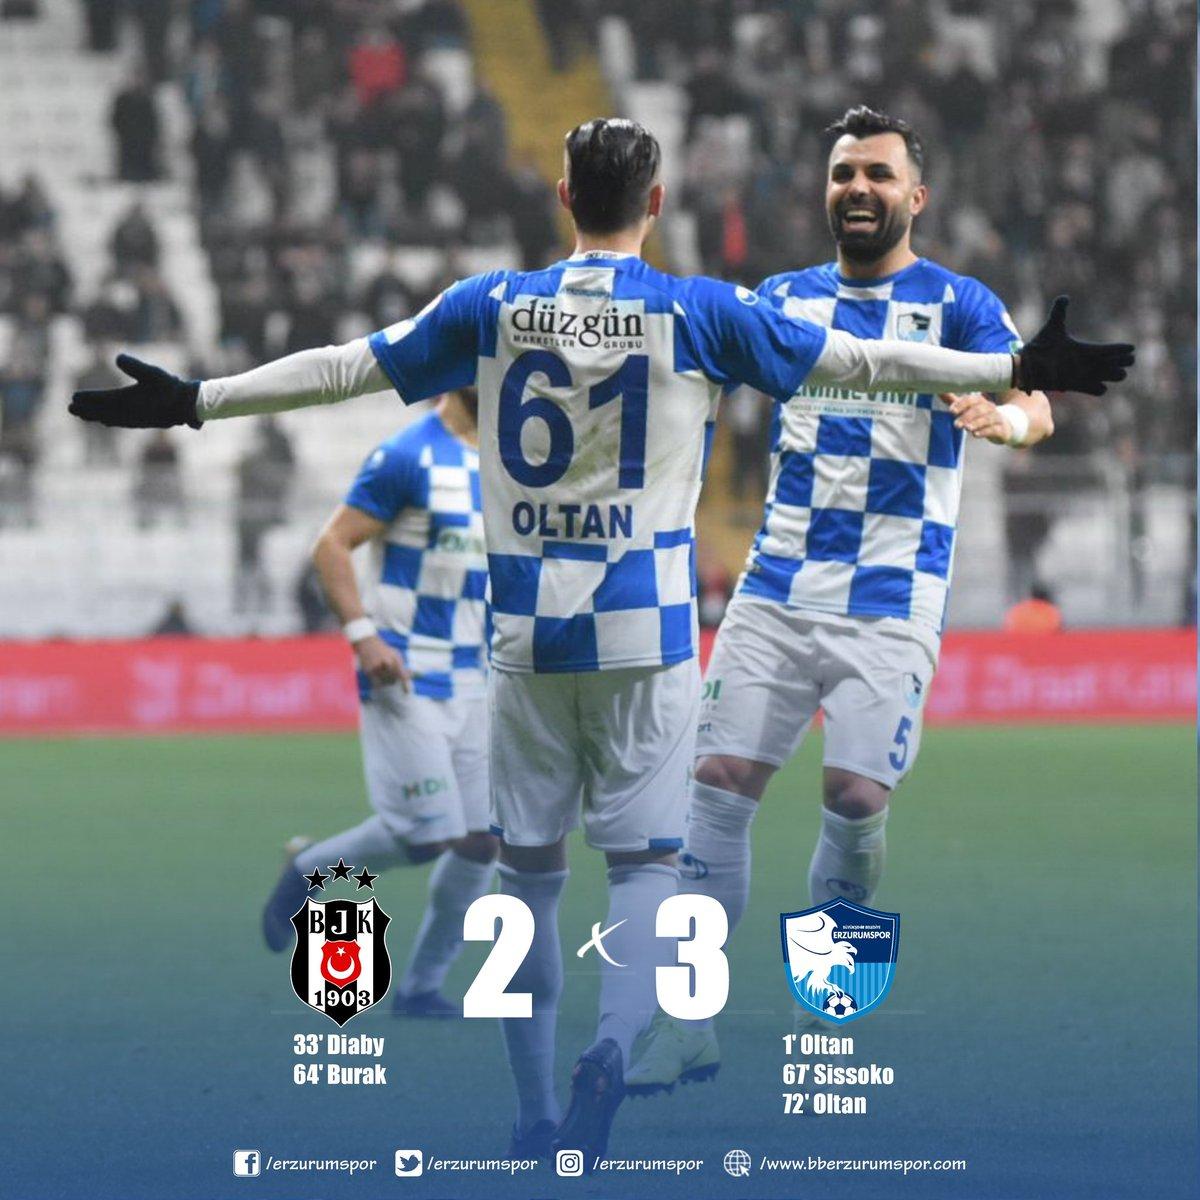 ✔MAÇ SONUCUBeşiktaş A.Ş. 2 - BB Erzurumspor 3#Erzurumspor